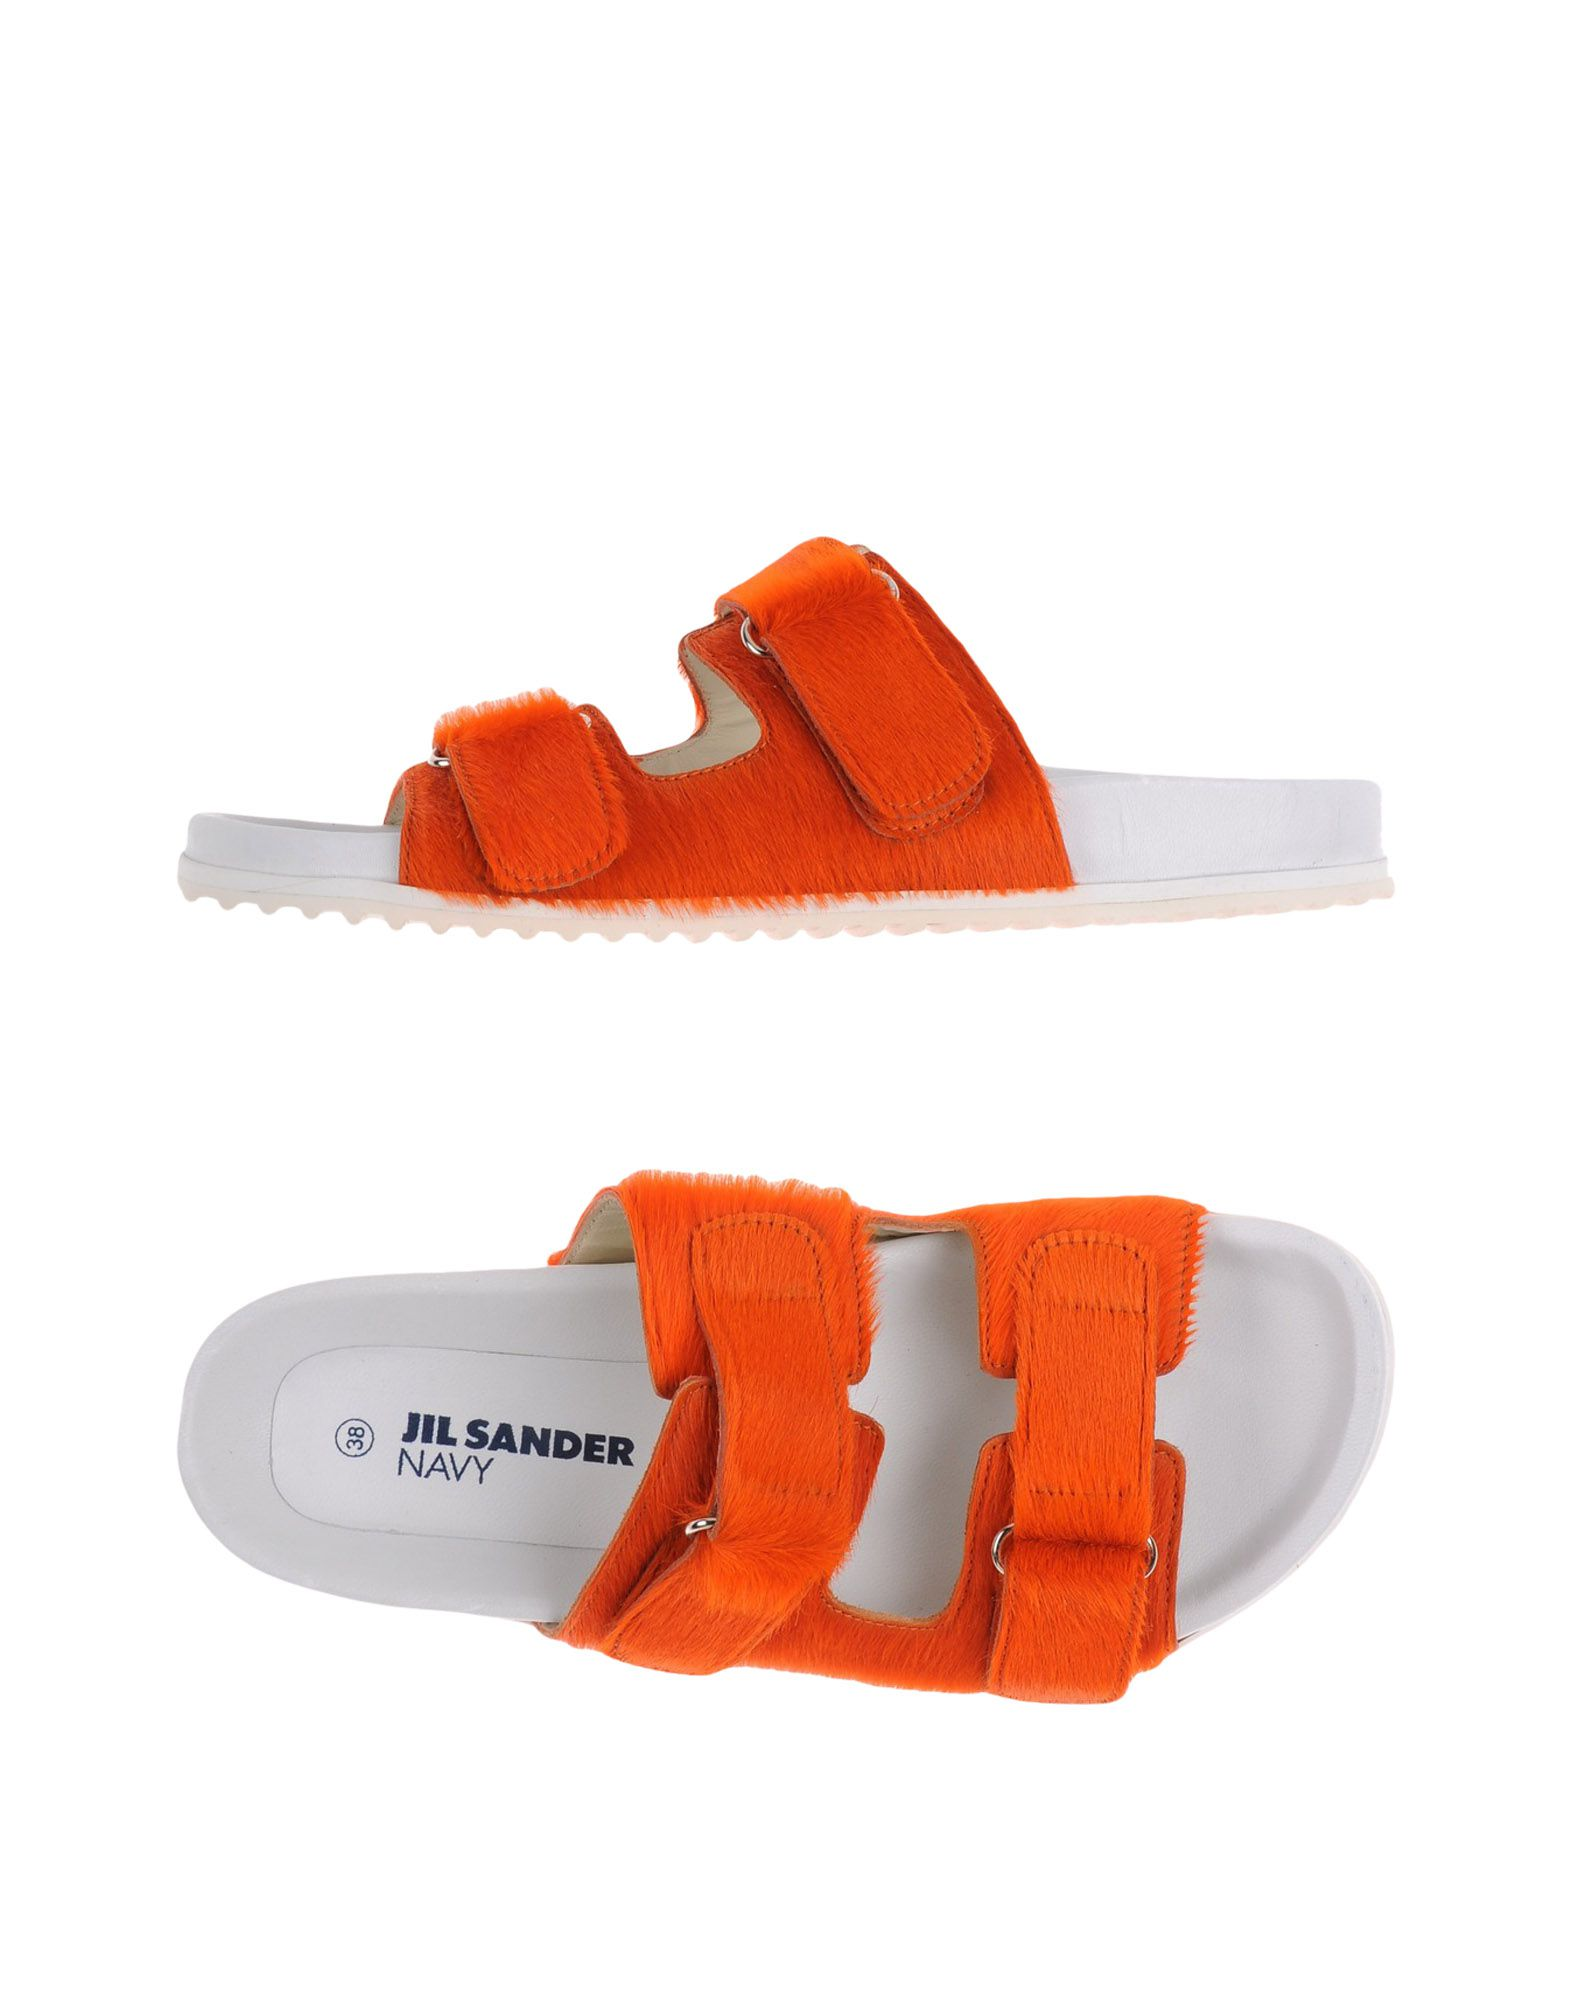 Jil Sander Navy Sandalen Damen  11162899IU Gute Qualität beliebte Schuhe